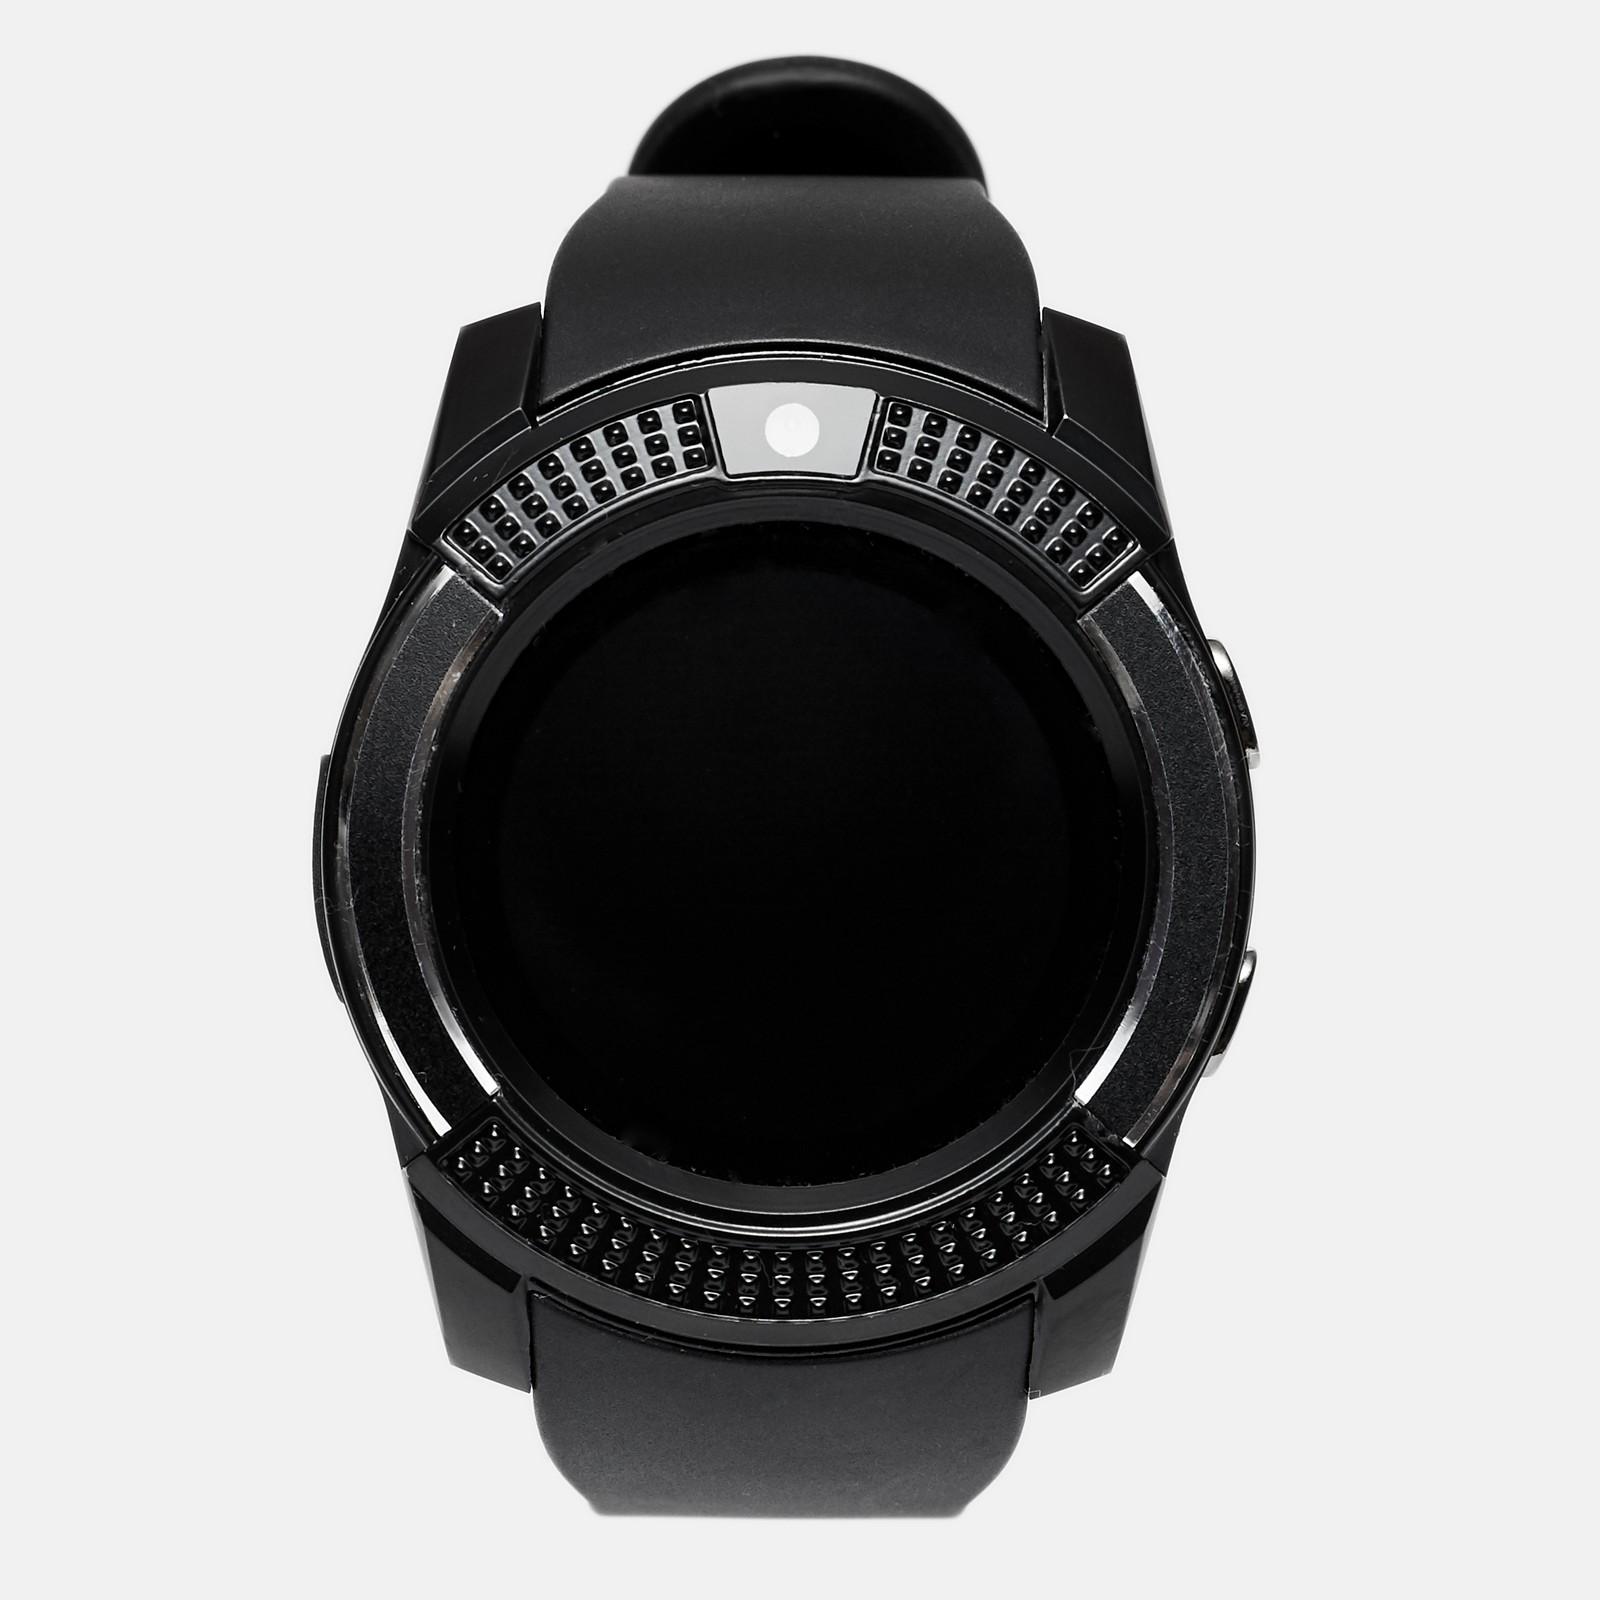 Умные часы Uwatch V8 Black